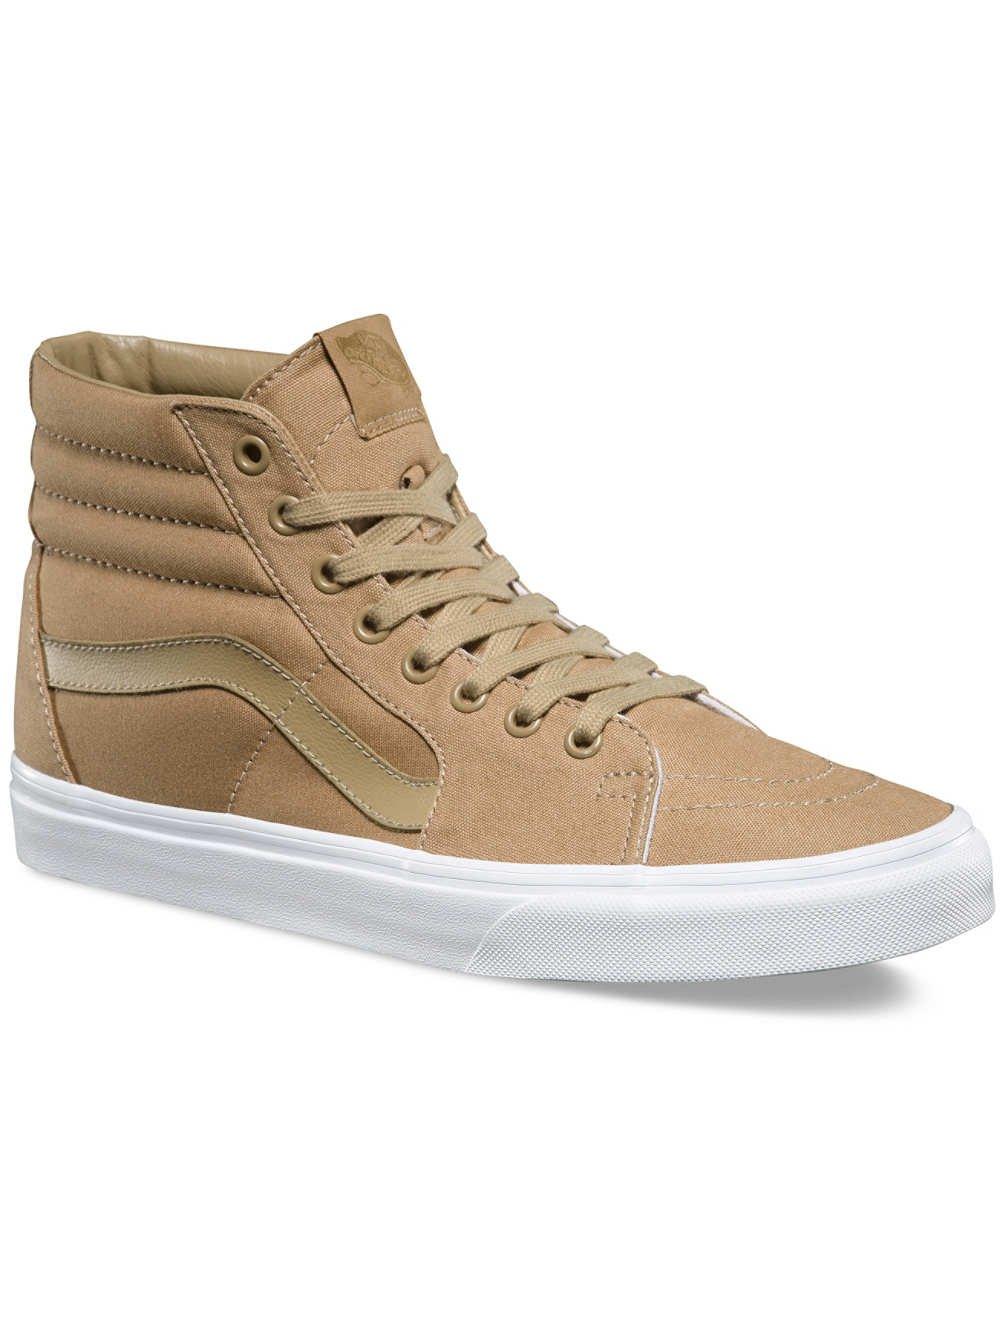 Vans Herren UA Sk8-Hi Hohe Sneakers, Gruuml;n  4.5|(Mono Canvas) Khaki/True